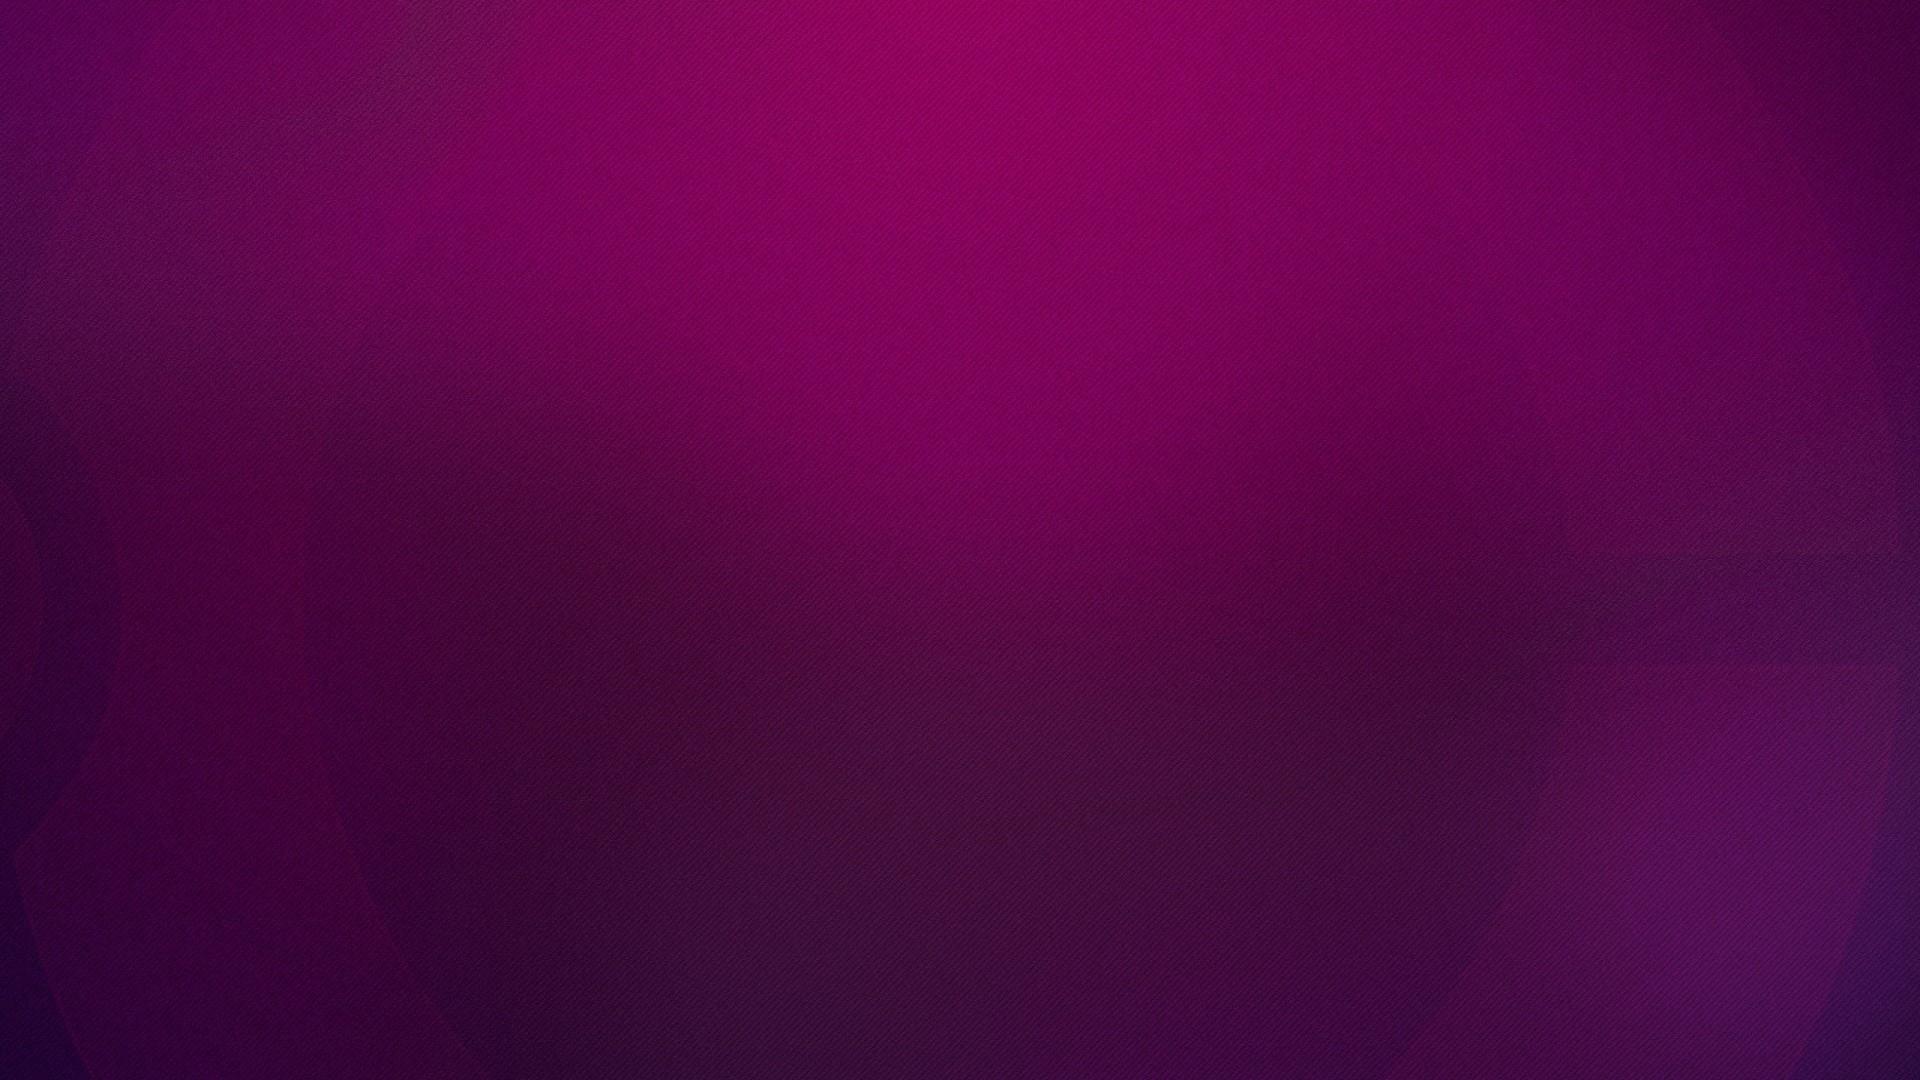 Plain Wallpaper for Desktop Purple (58+ images)